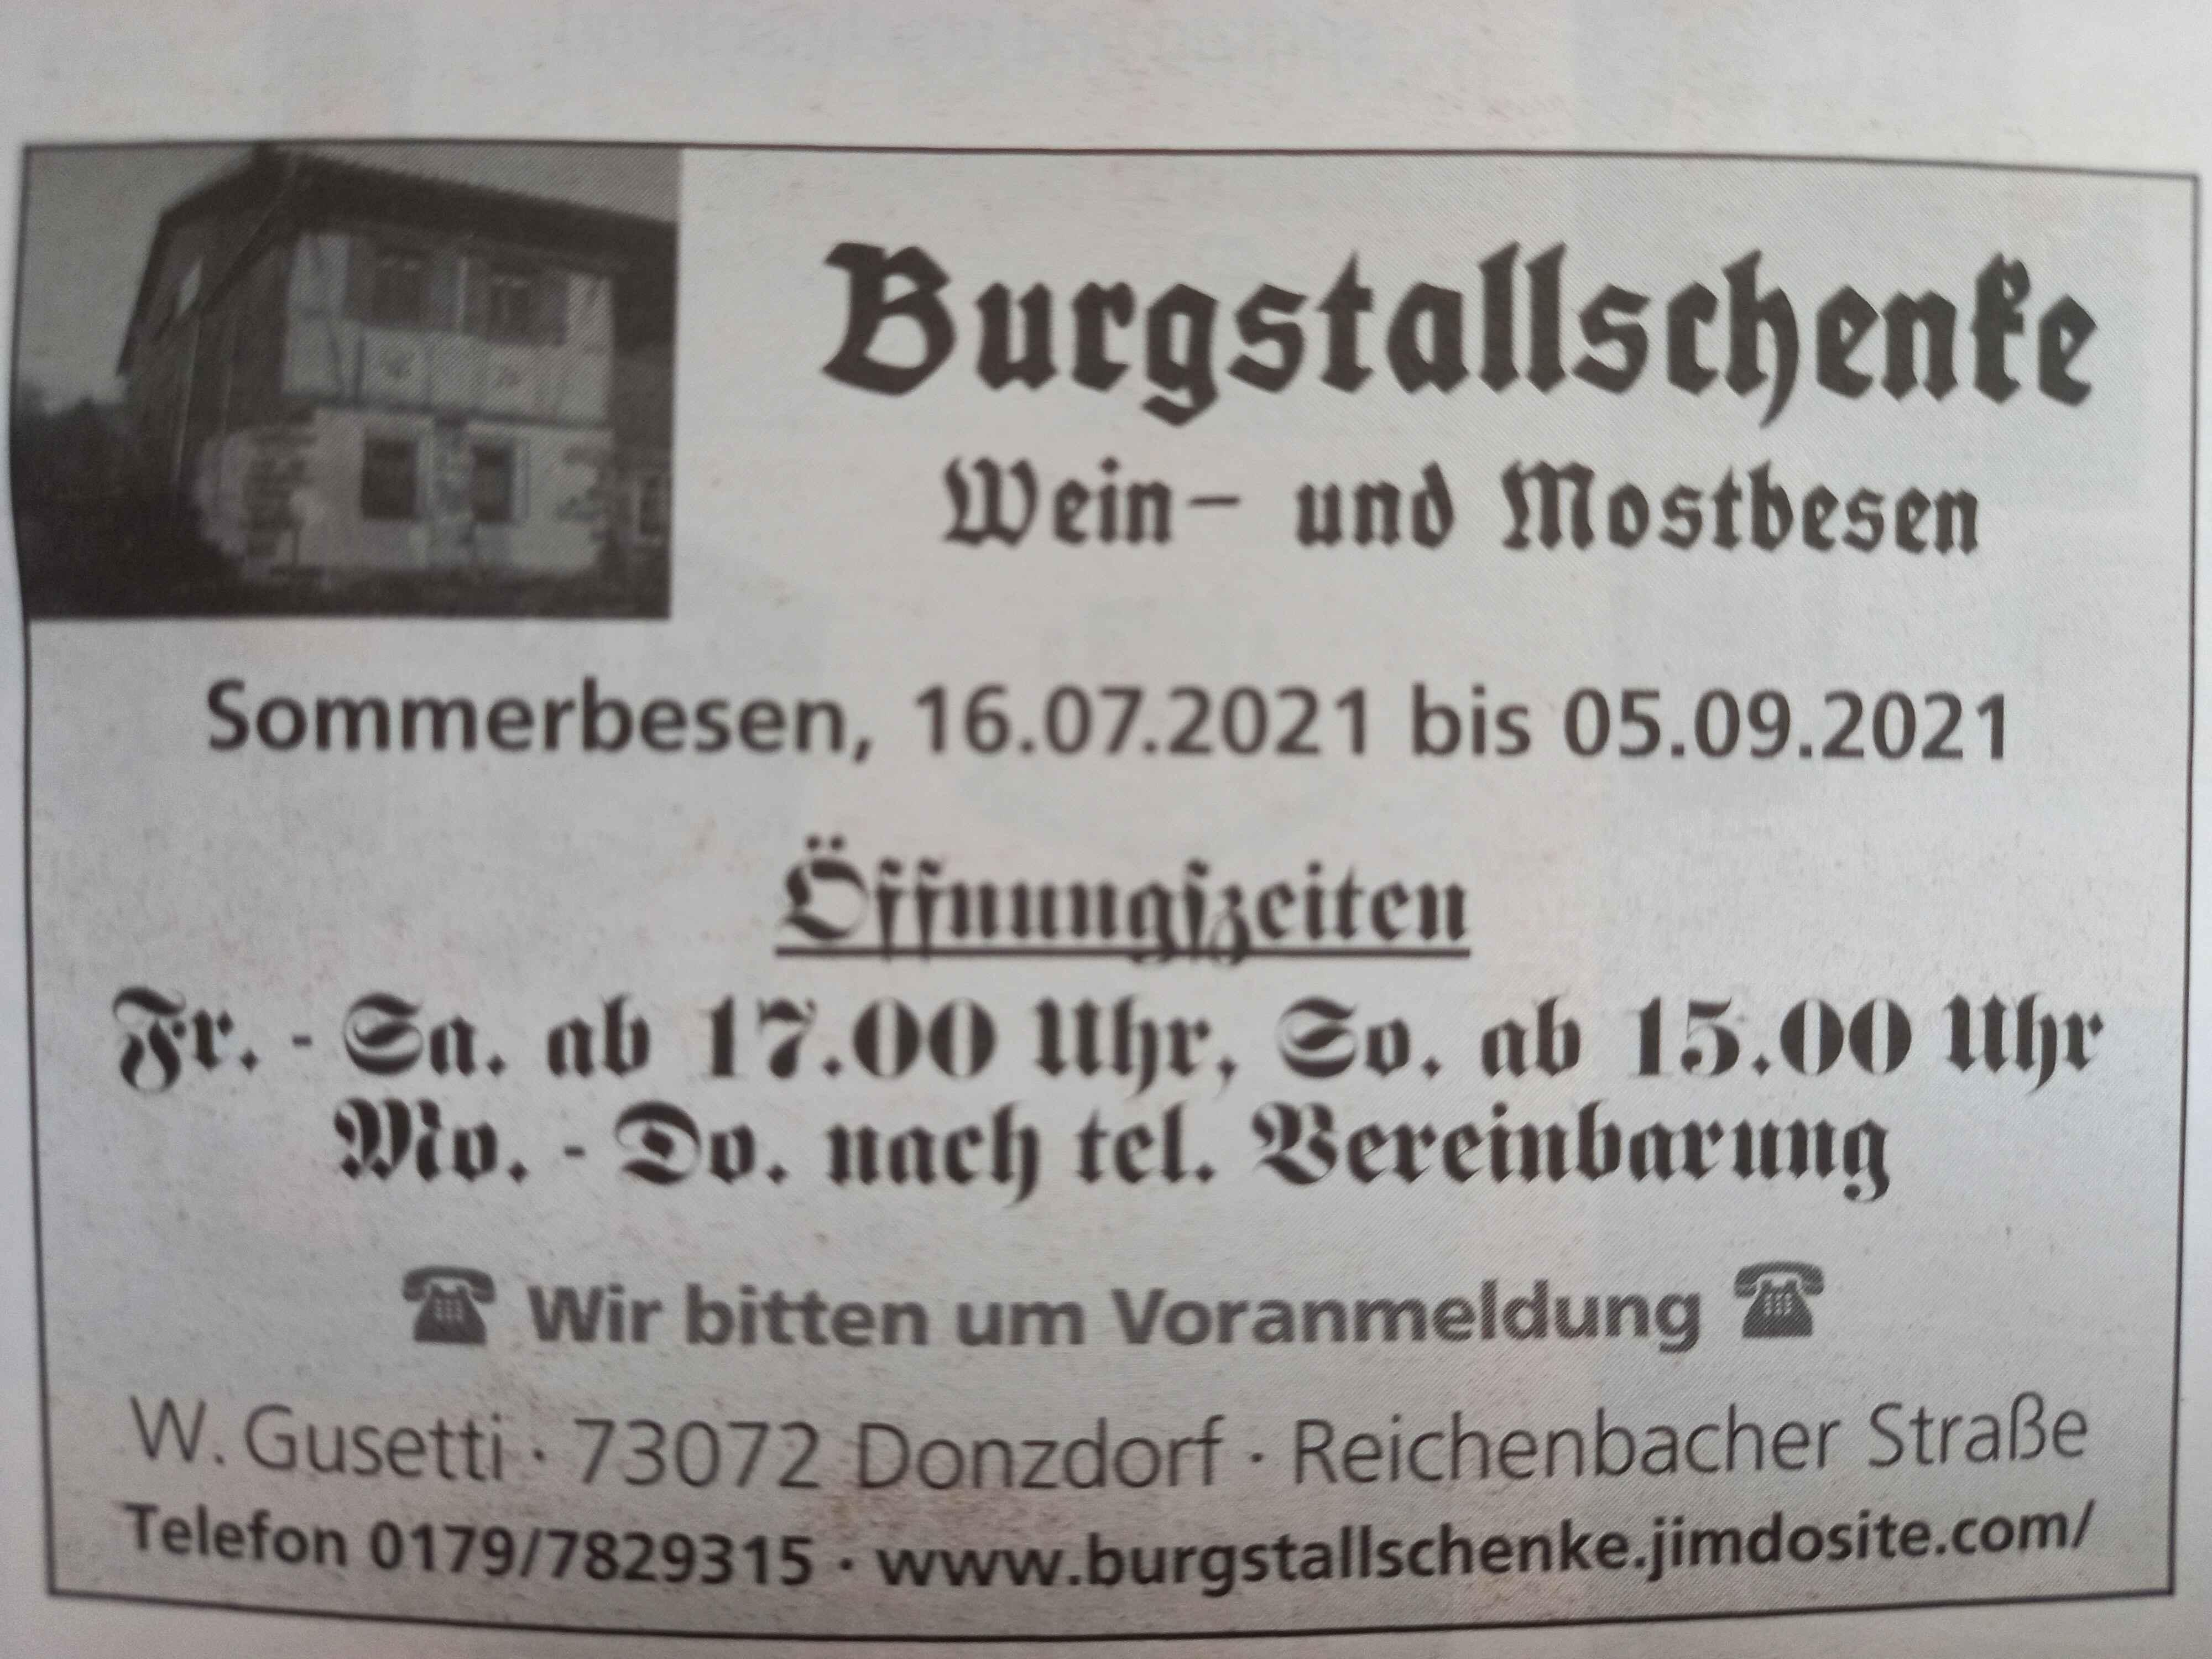 Bild zur Nachricht von Burgstallschenke